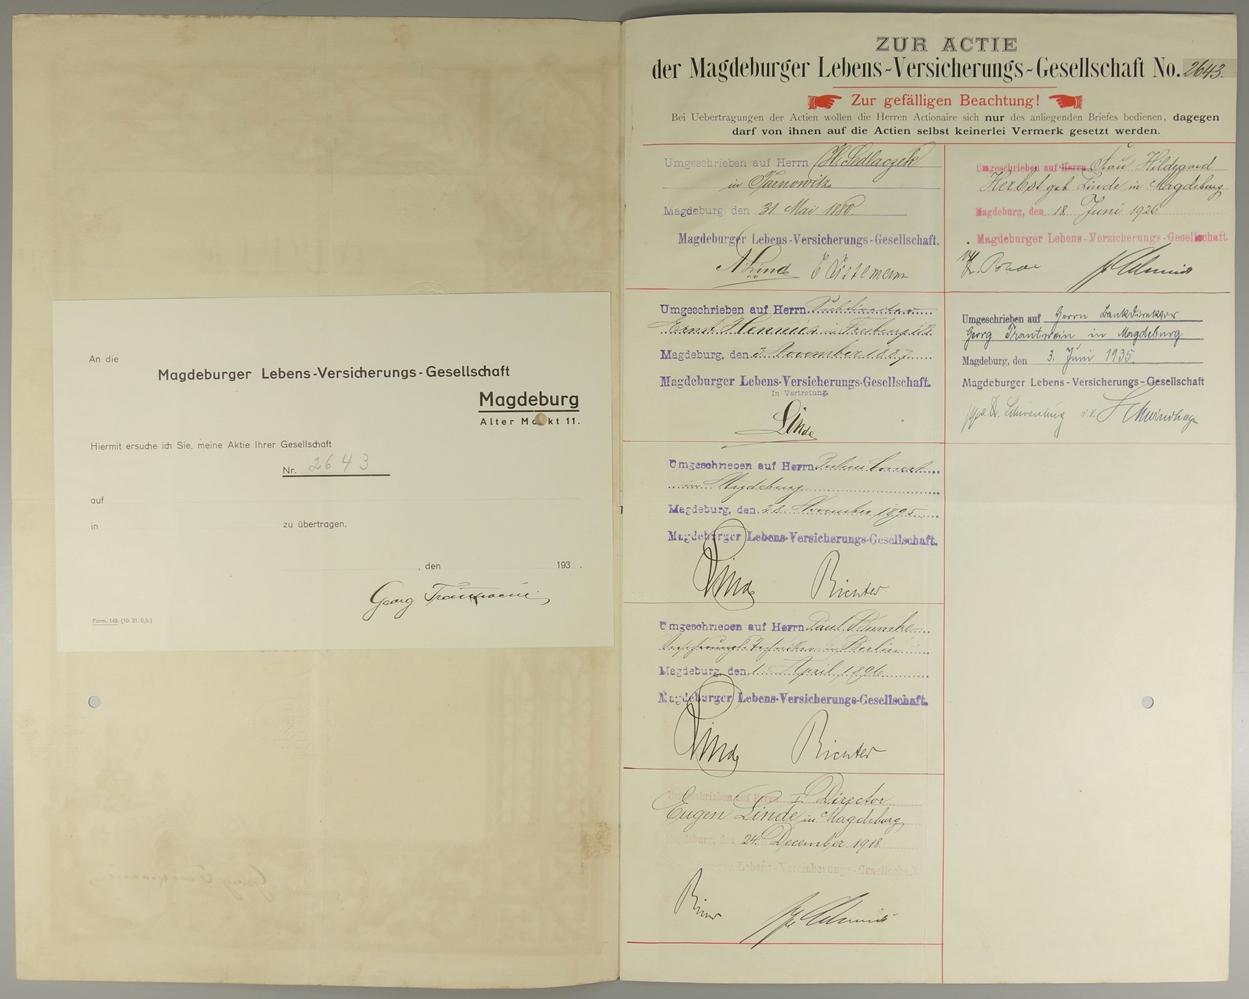 """Aktie """"Magdeburger Lebensversicherungs-Gesellschaft"""", 10.März 1856, Gründeraktie über 500 Thaler - Bild 2 aus 2"""